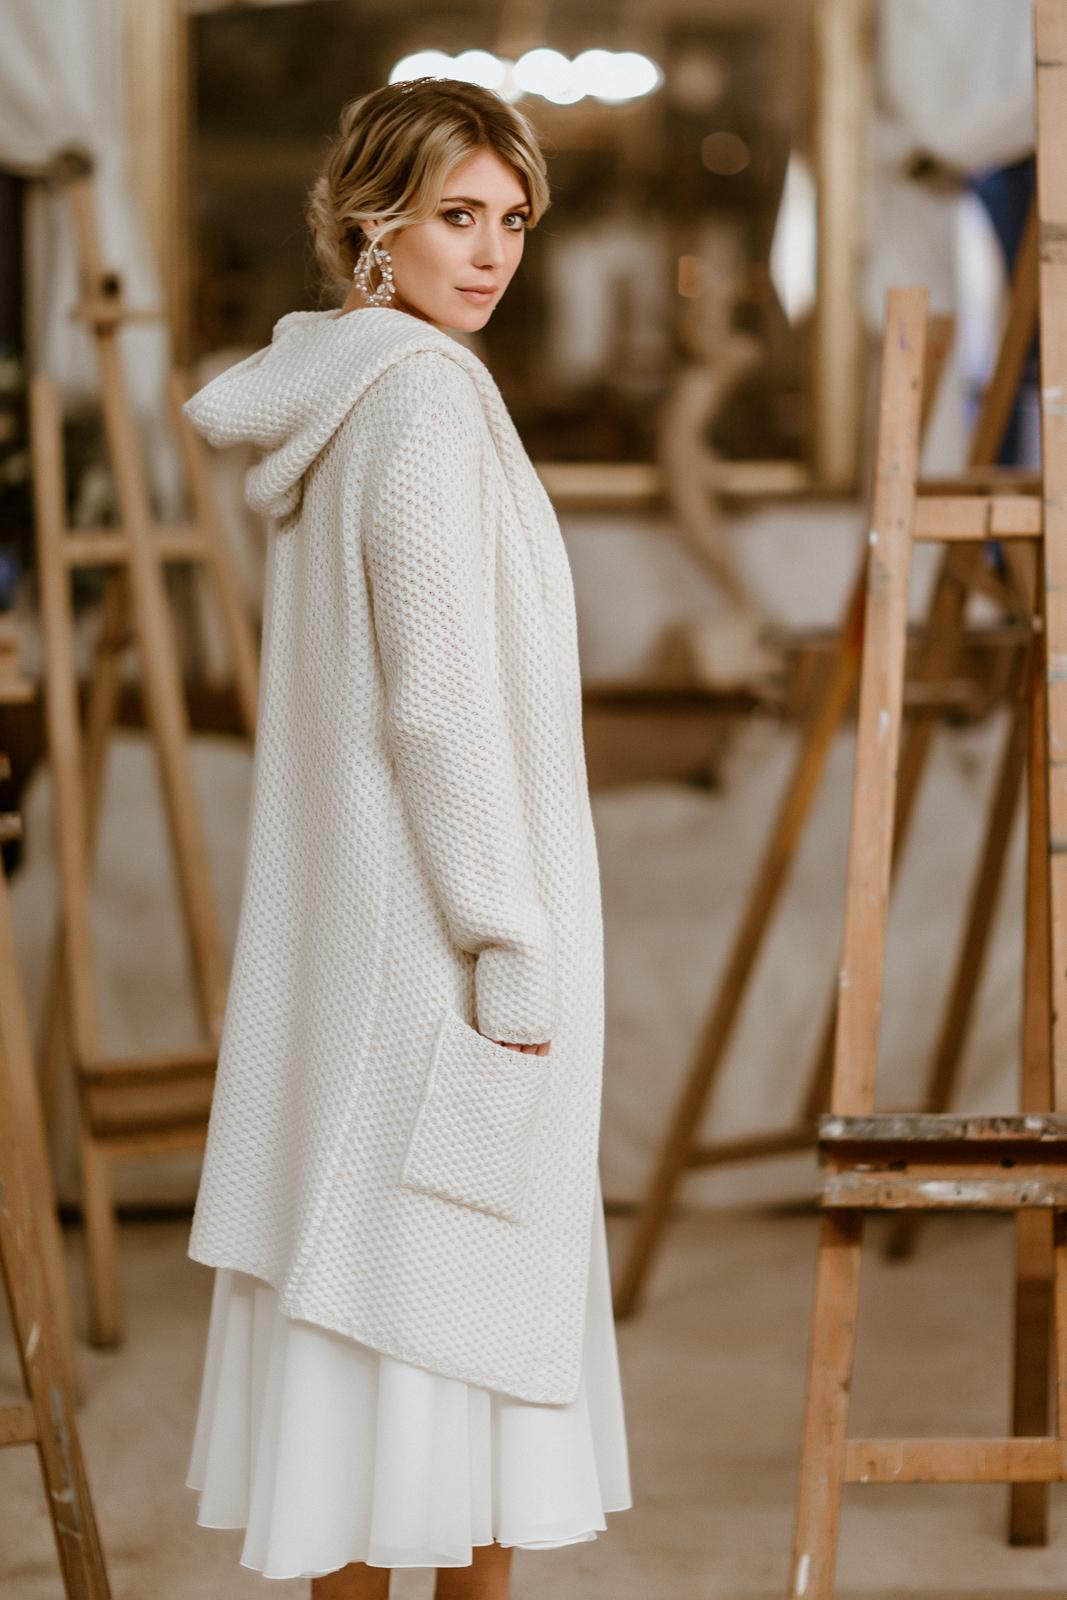 noni Jubiläumskollektion | Leichter Brautmantel aus Strick mit Kapuze zum Midi-Brautkleid, Rückenansicht (Foto: Le Hai Linh)